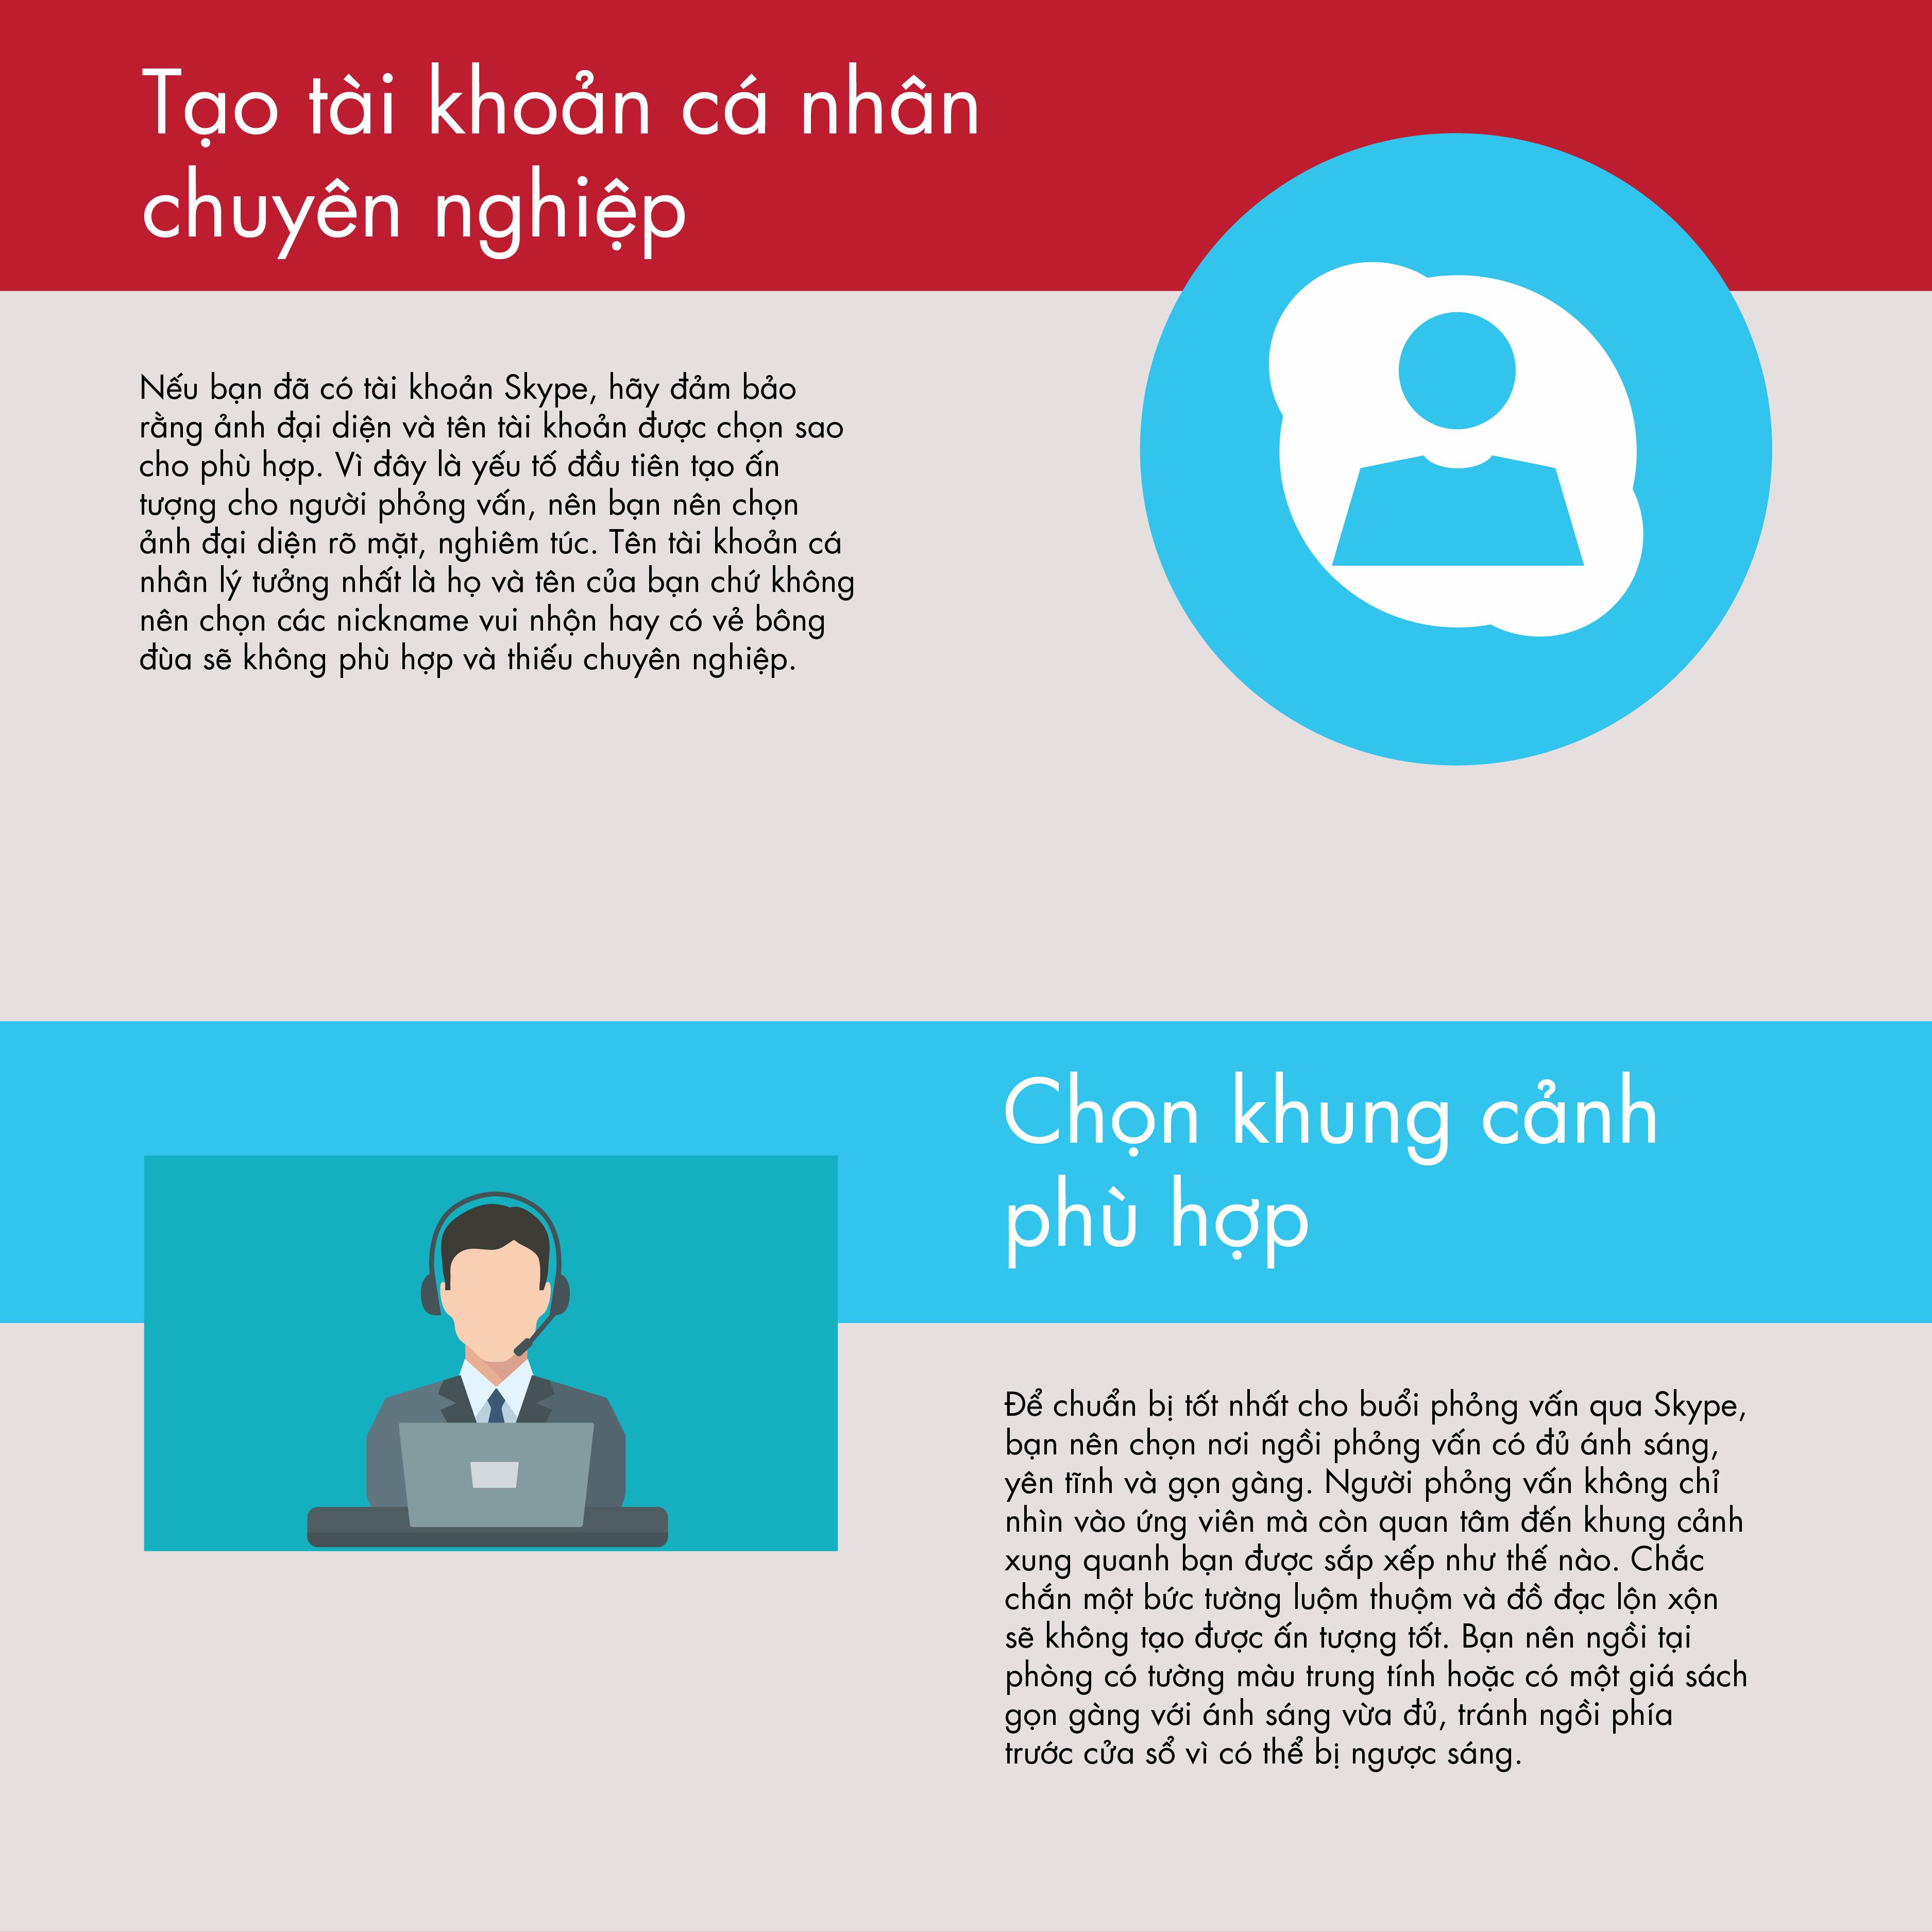 7 Bí Quyết Phỏng Vấn Qua Skype